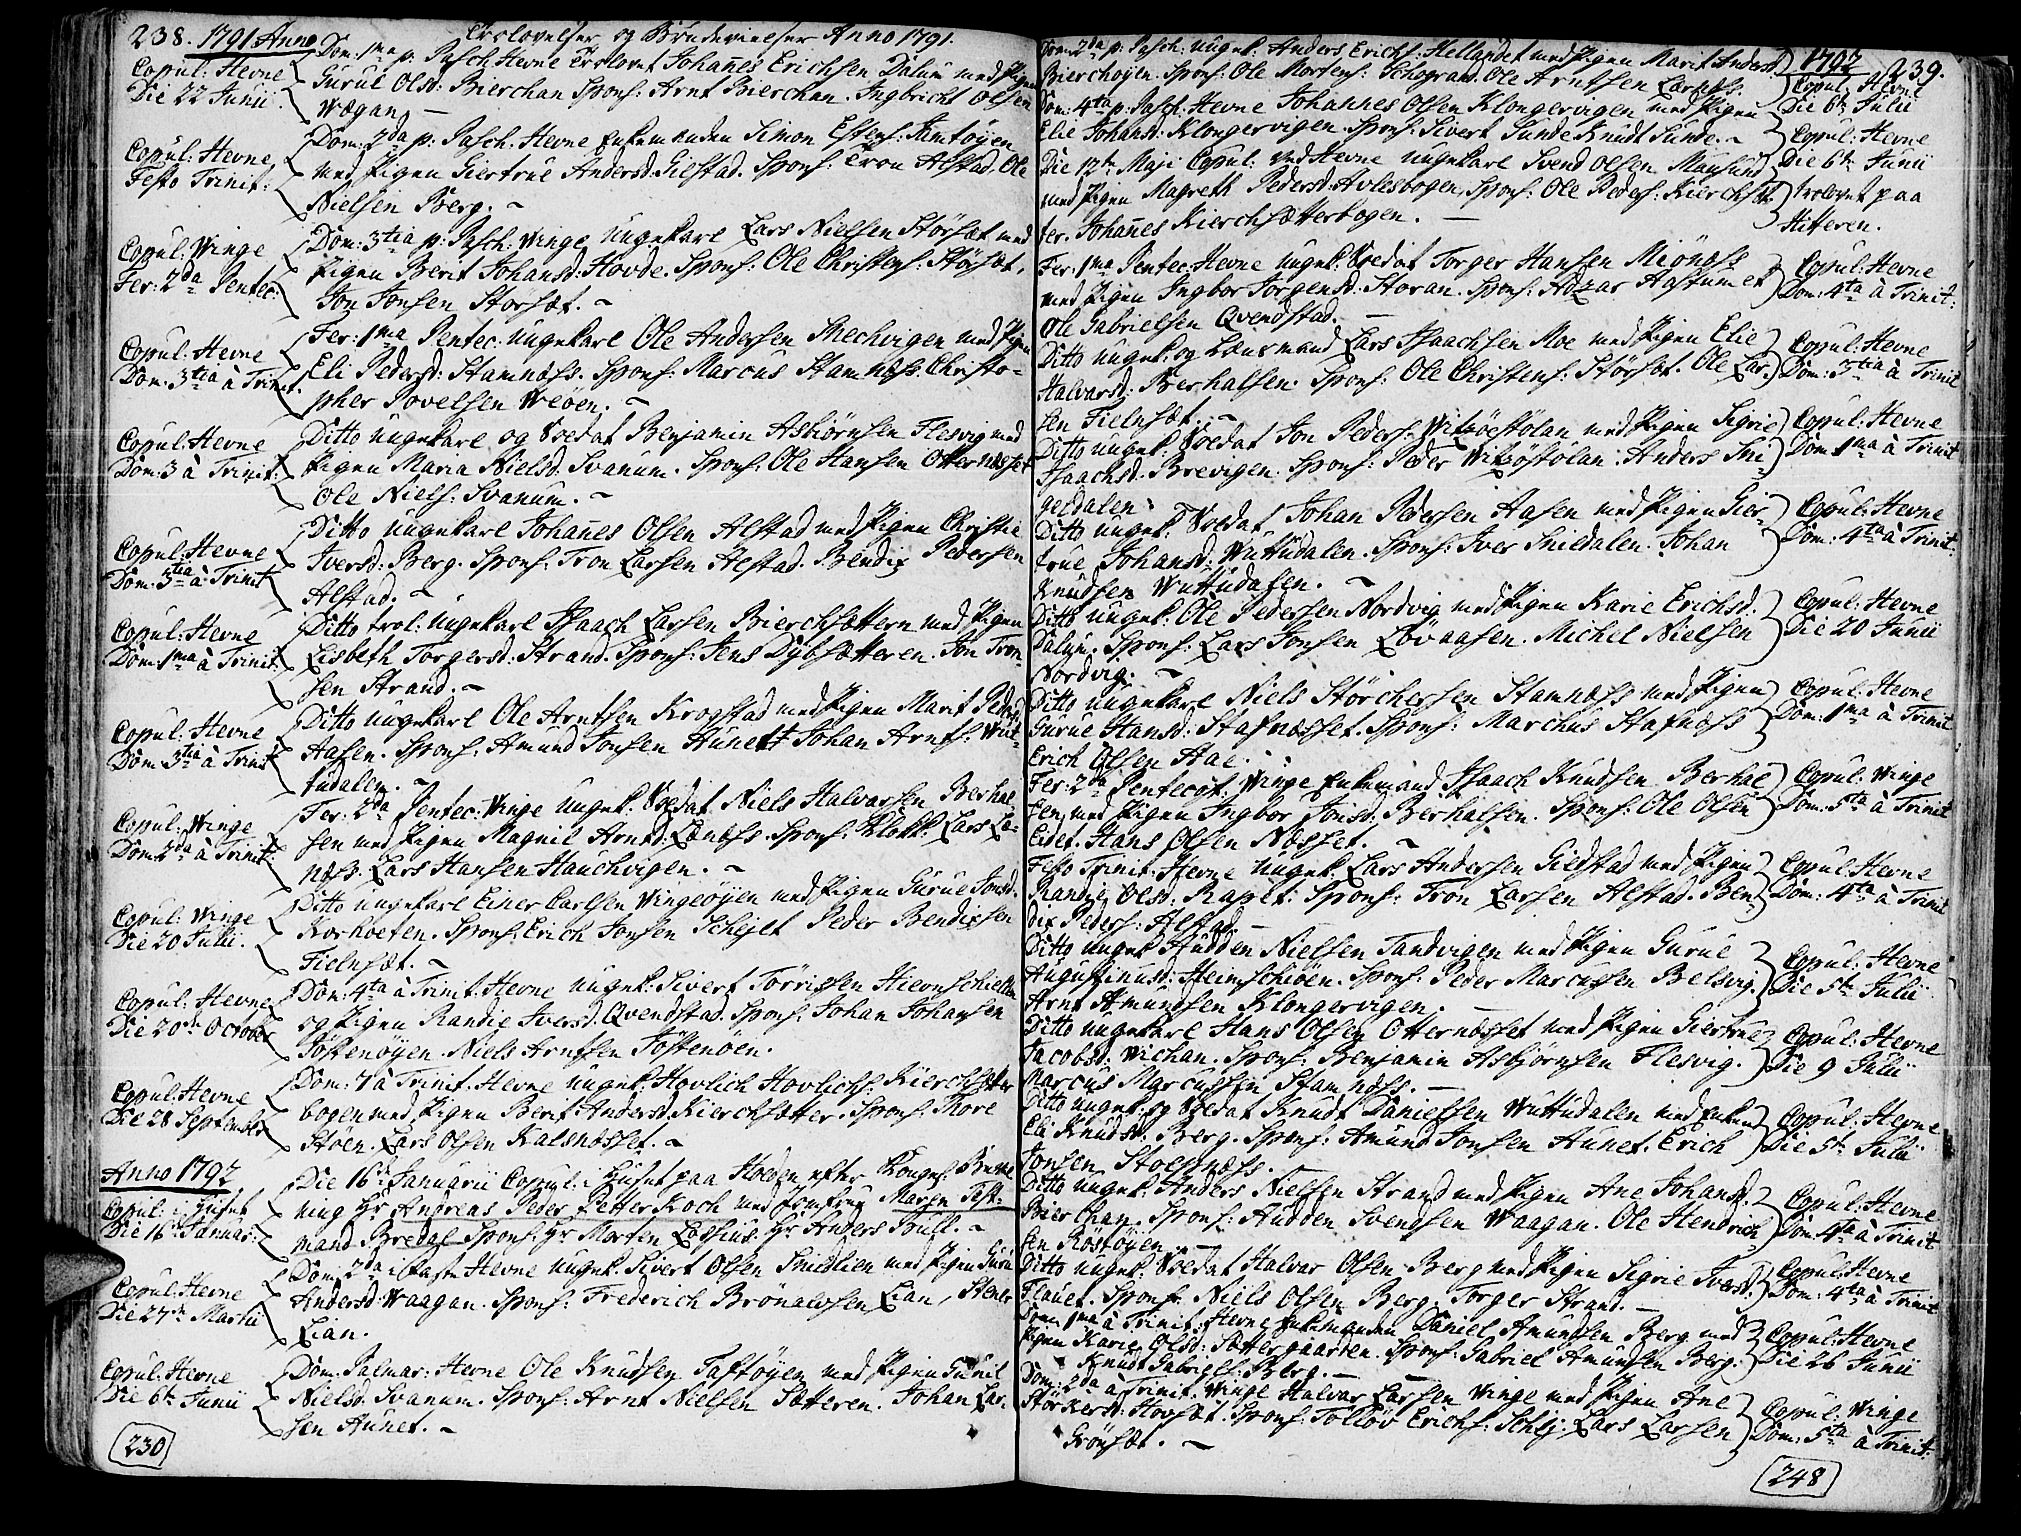 SAT, Ministerialprotokoller, klokkerbøker og fødselsregistre - Sør-Trøndelag, 630/L0489: Ministerialbok nr. 630A02, 1757-1794, s. 238-239